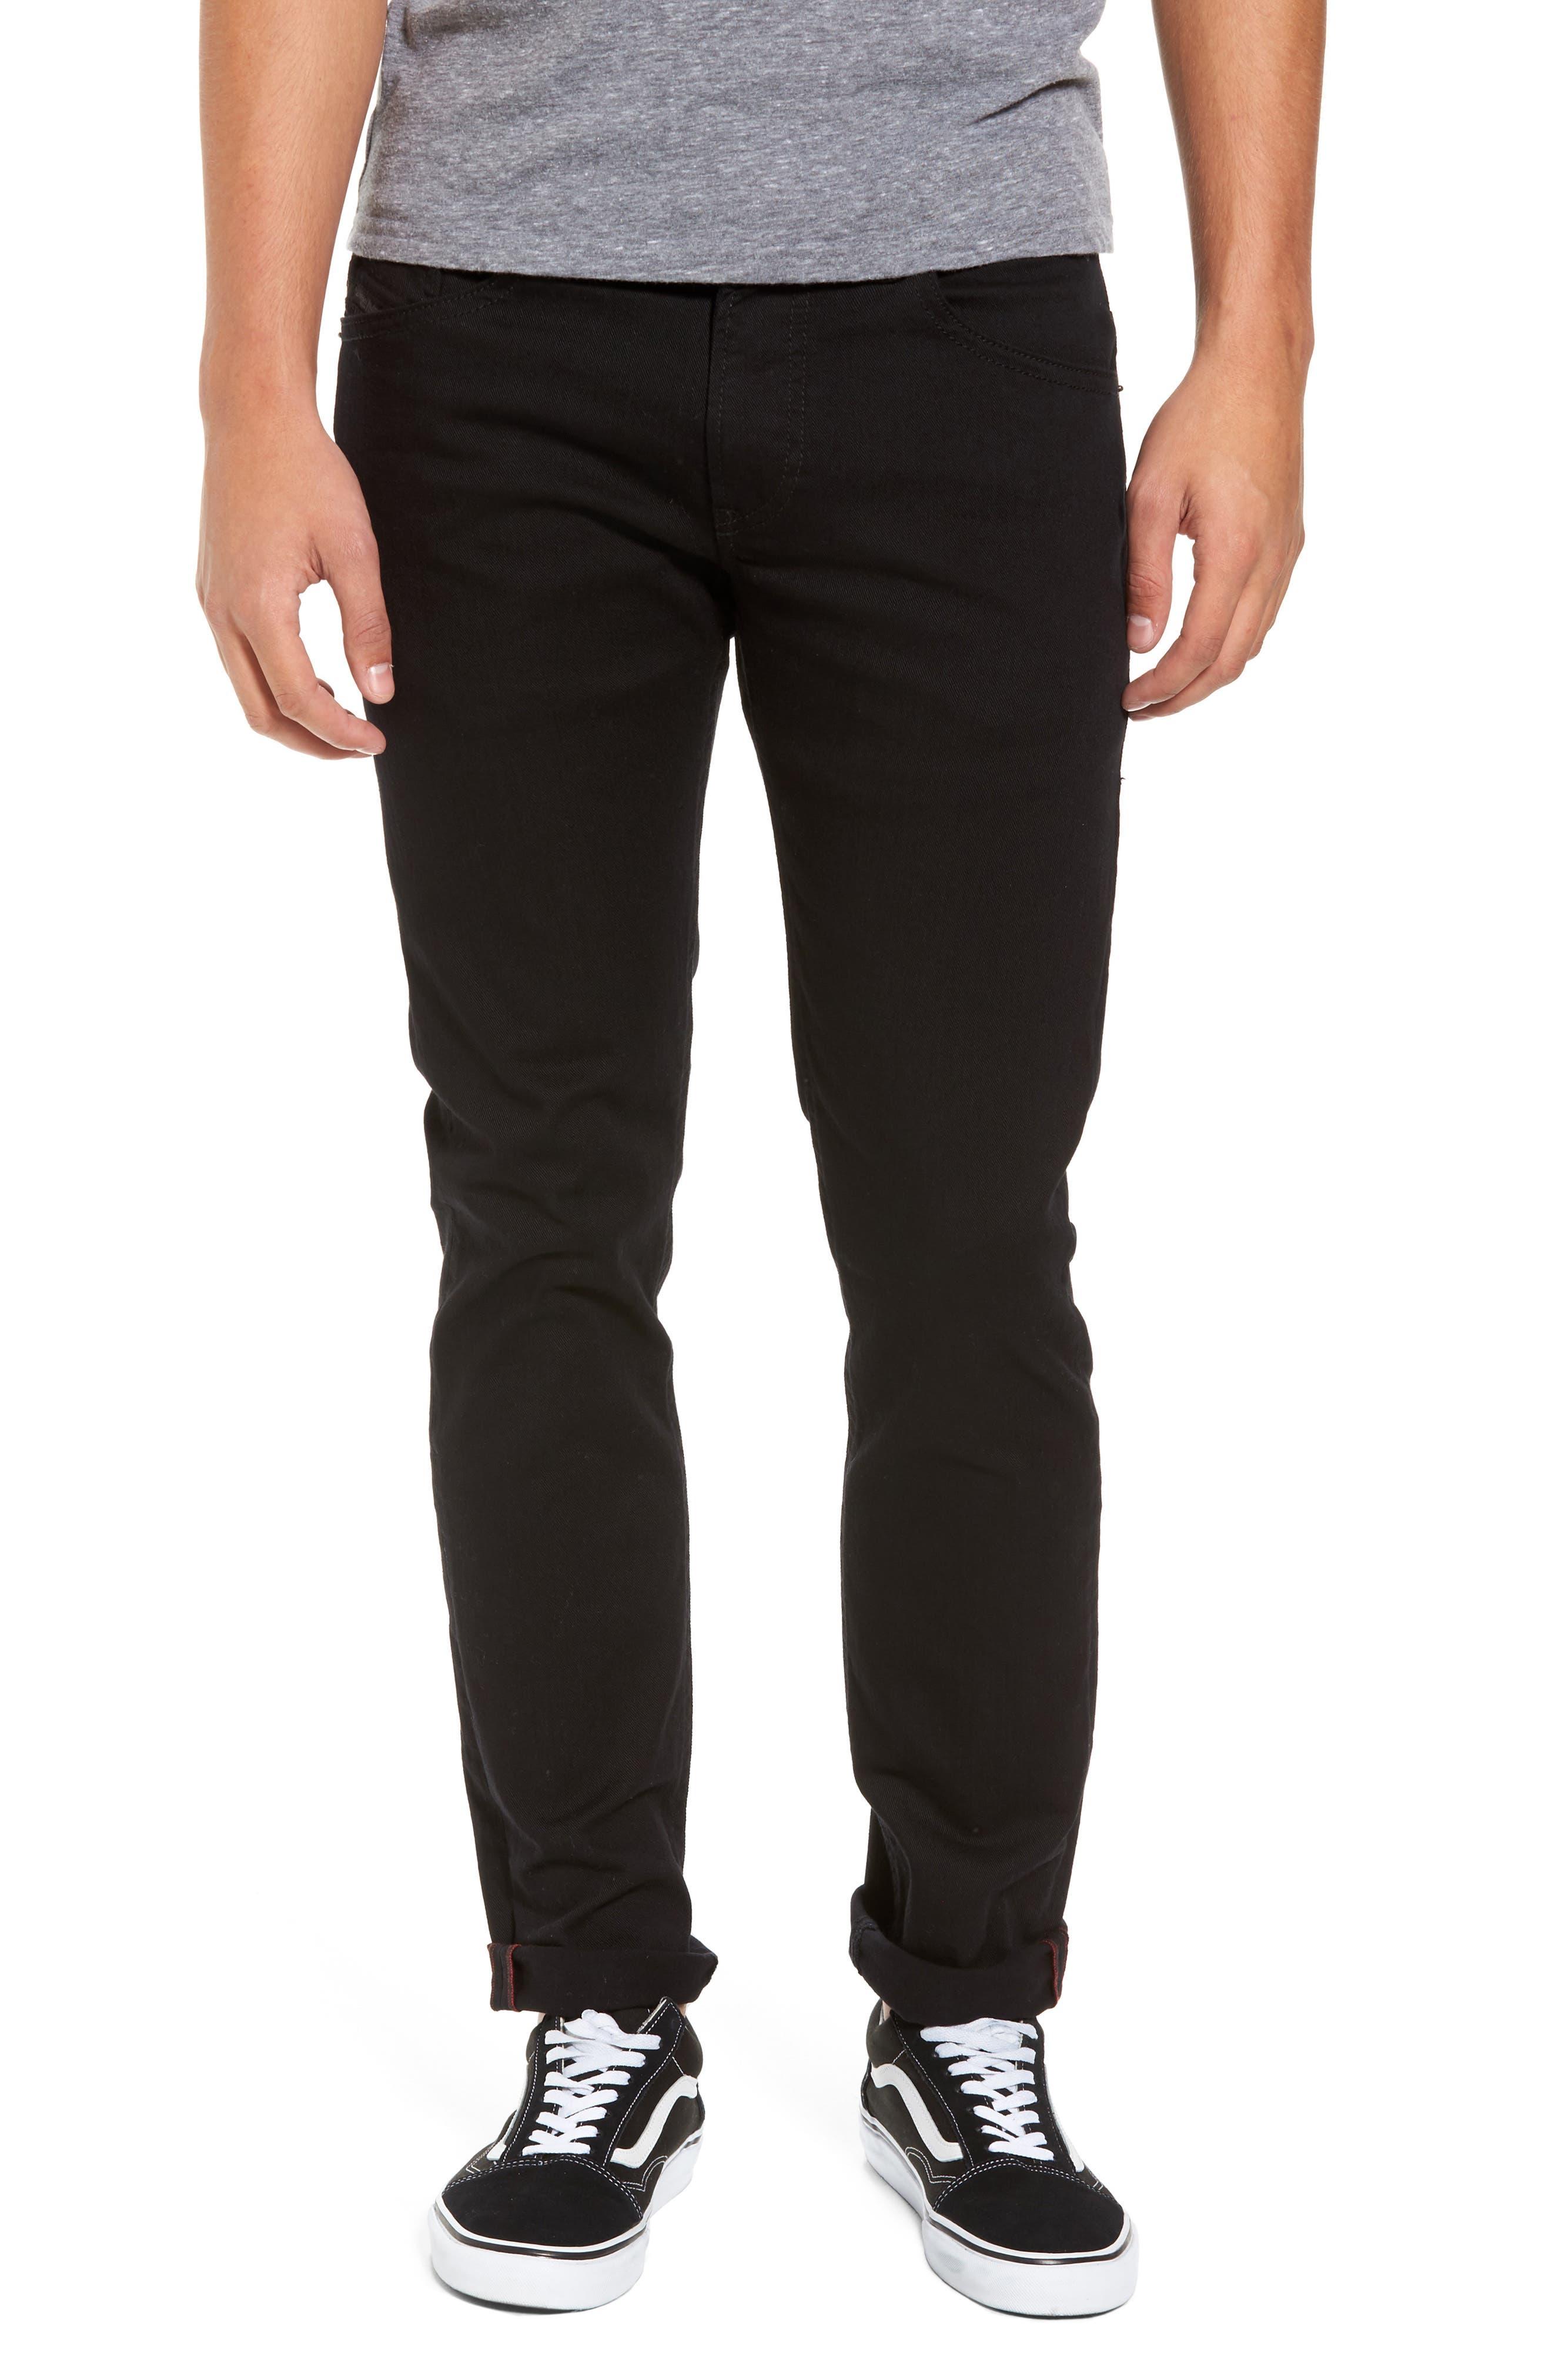 DIESEL<SUP>®</SUP> Thommer Slim Fit Jeans, Main, color, BLACK/ DENIM